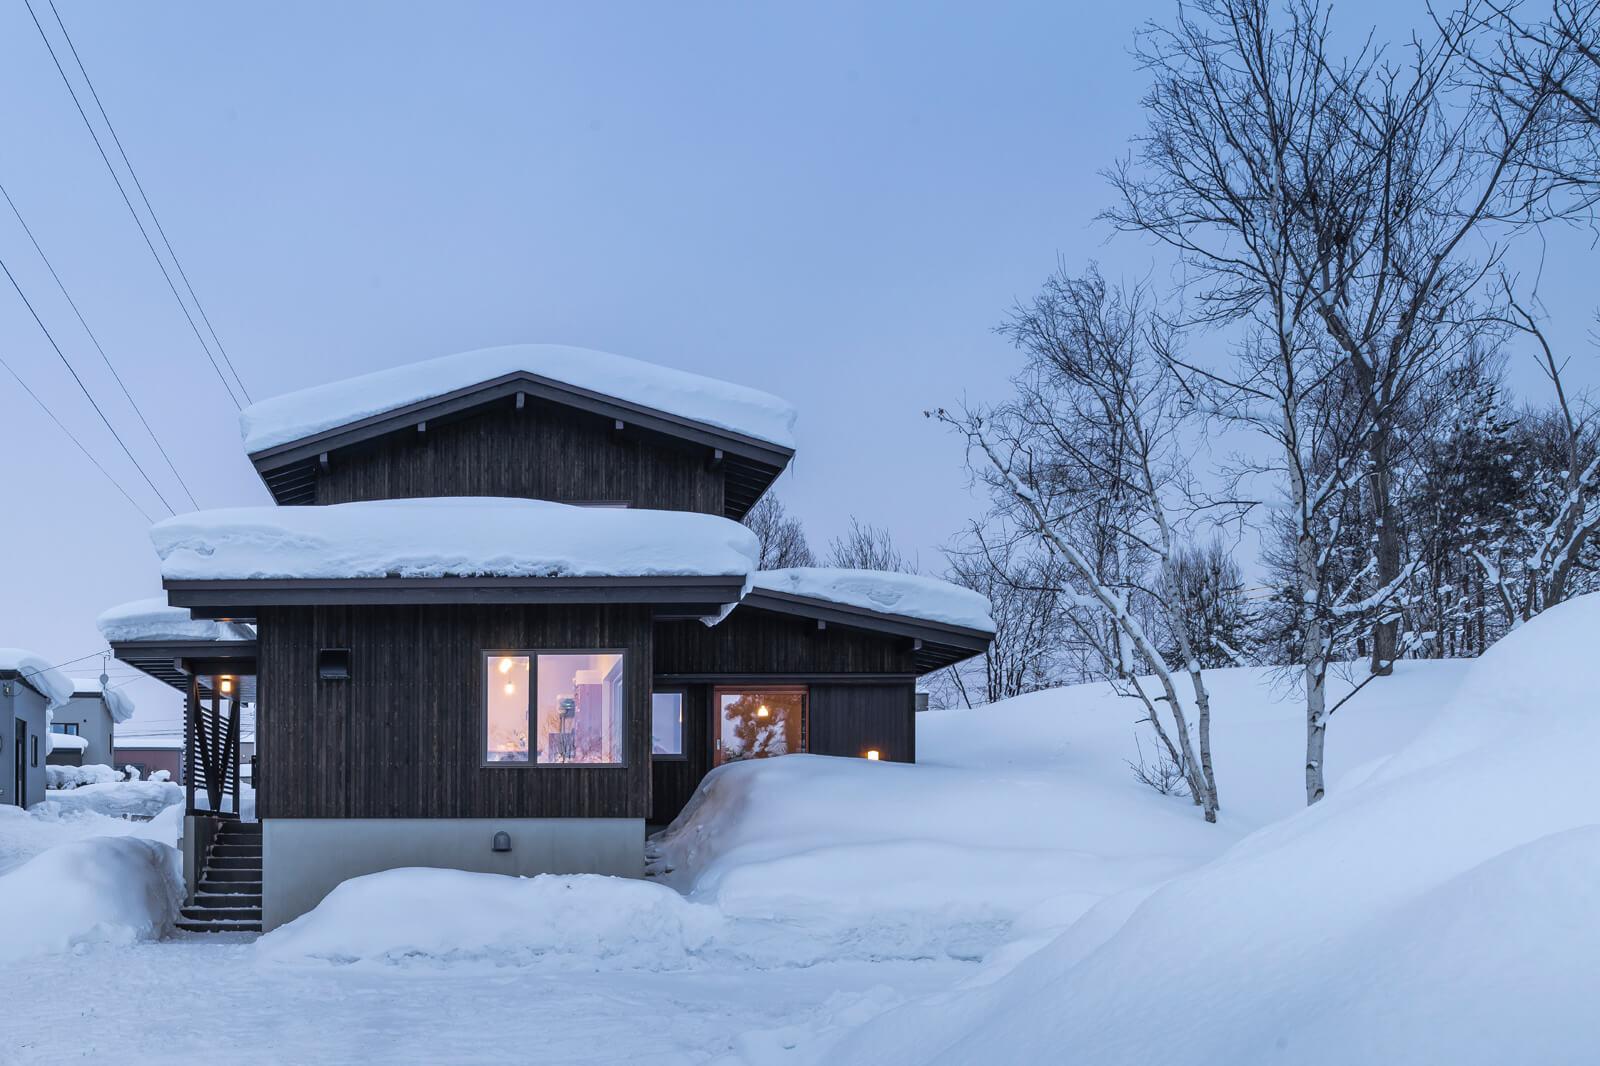 雪景色に映えるカラマツ板張りの外観。手前は奥さんの陶芸アトリエ